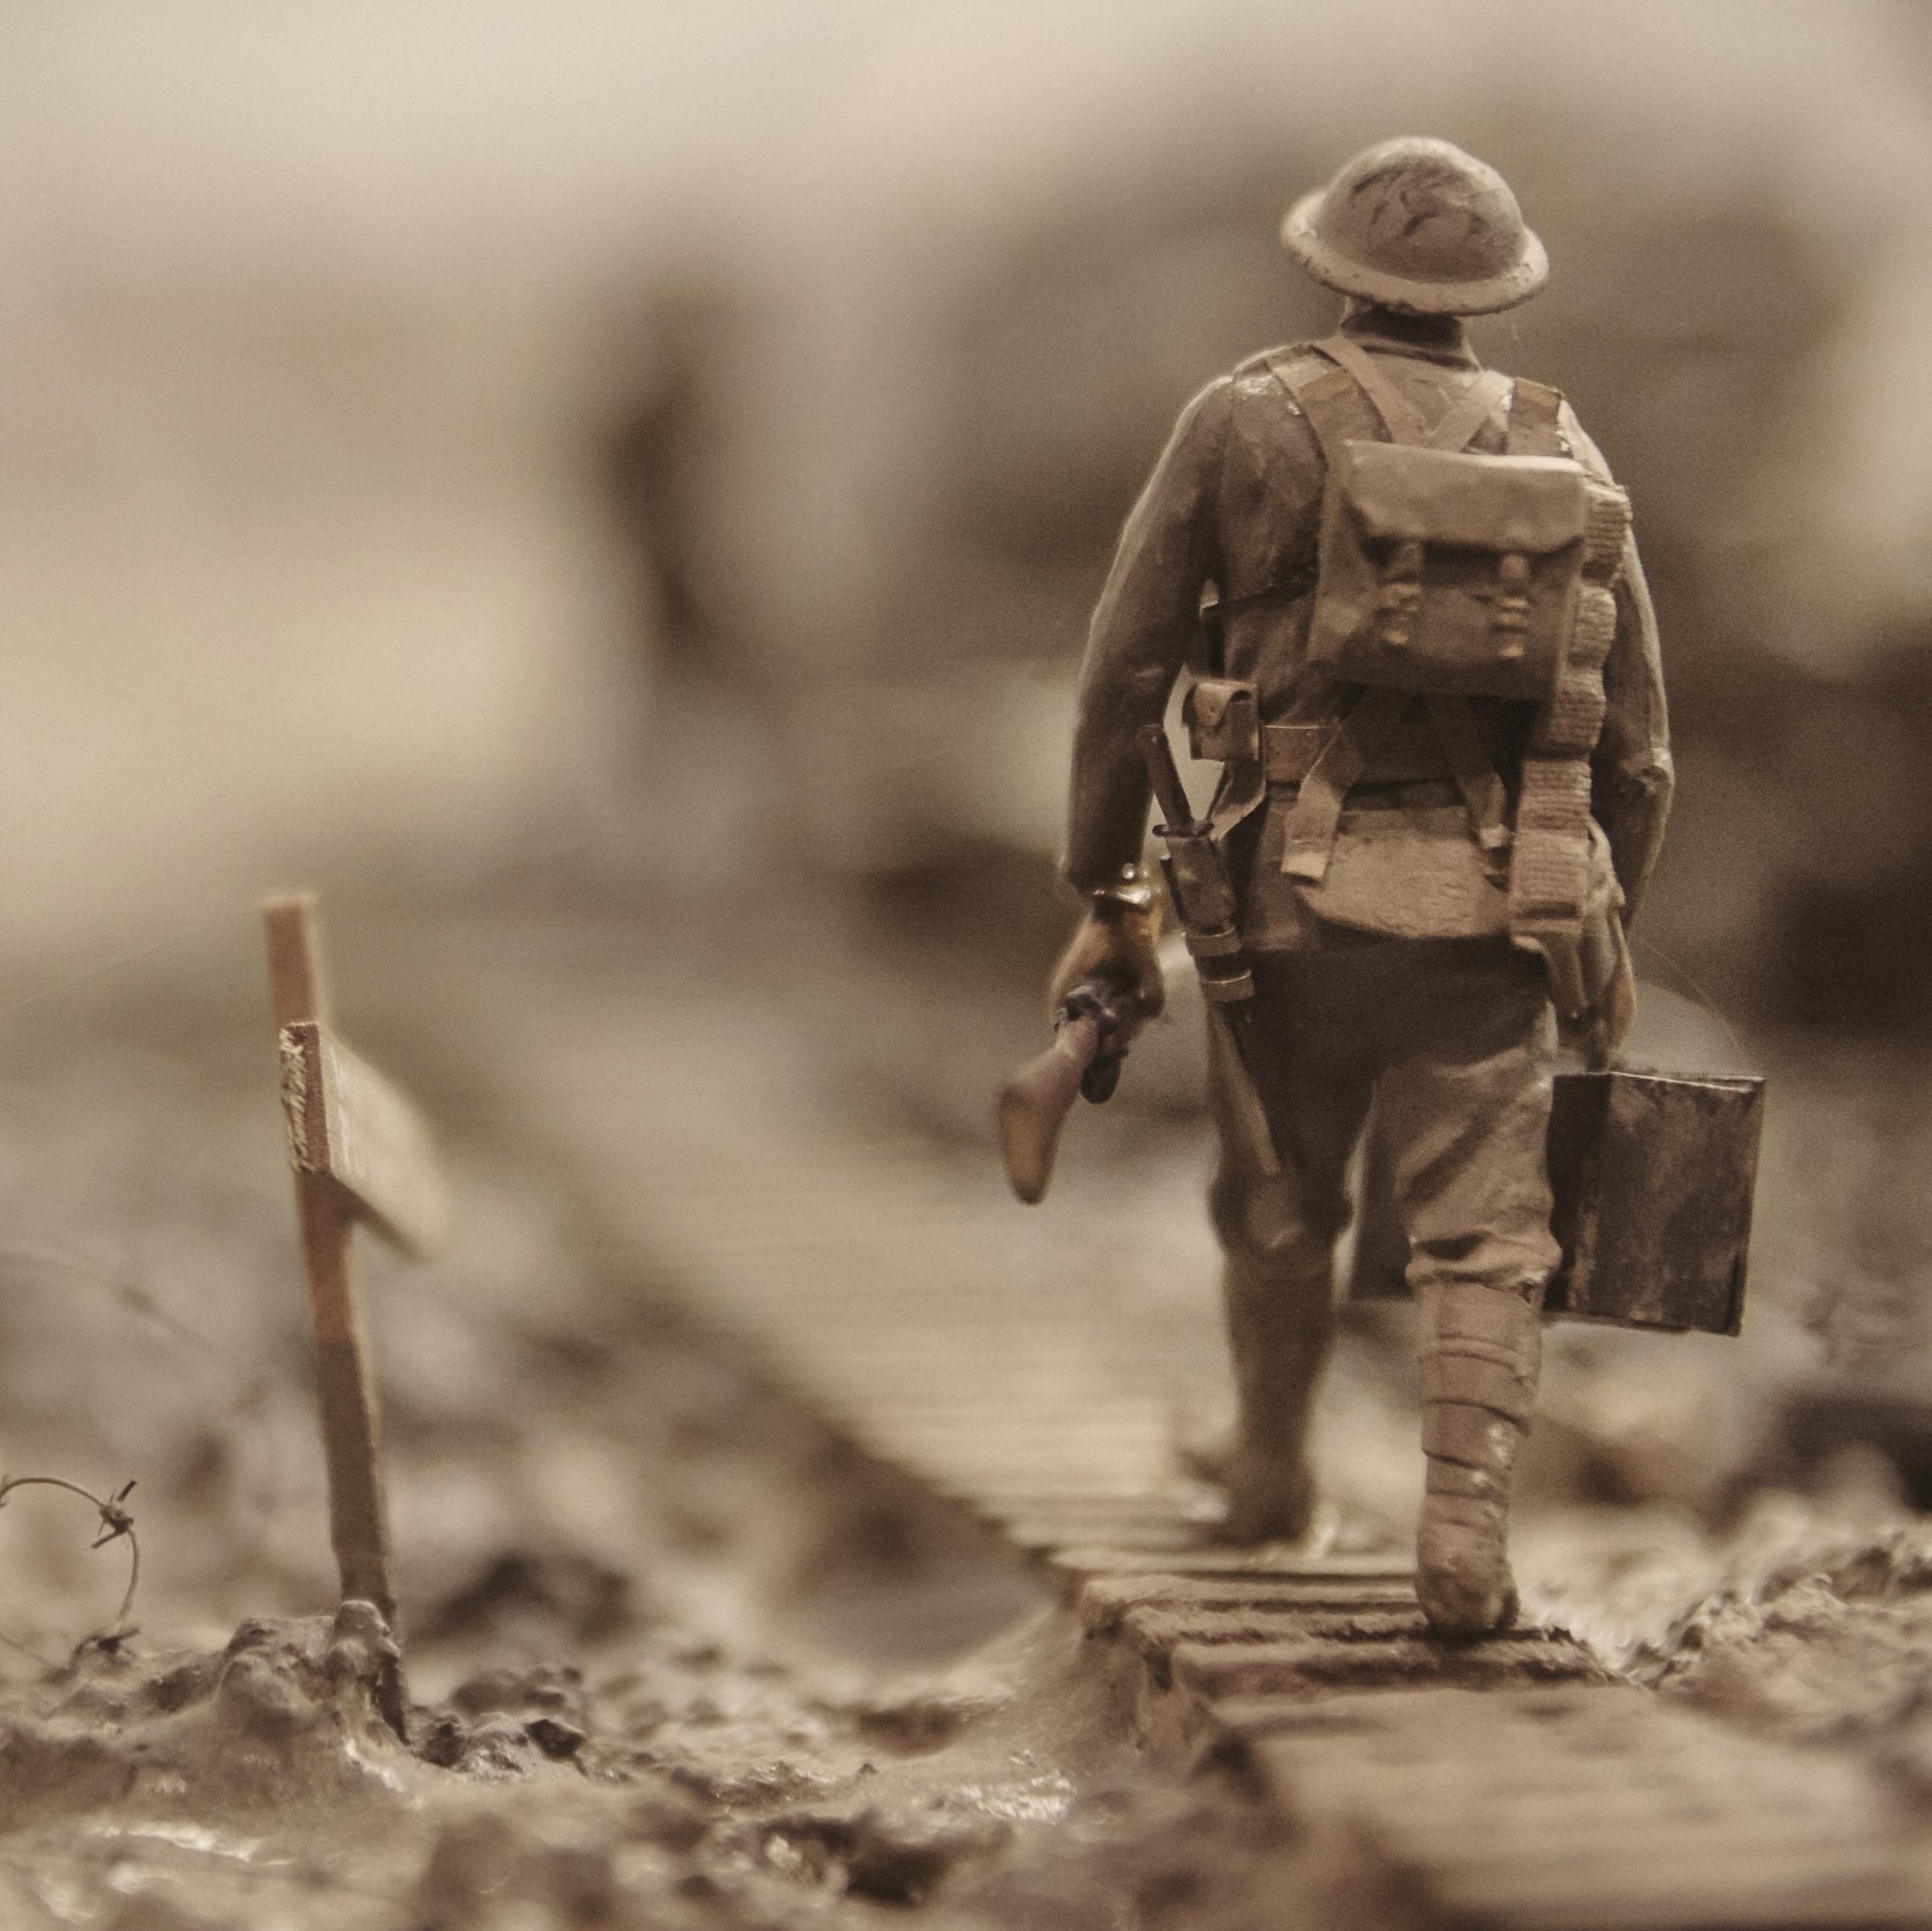 Krig liten.png